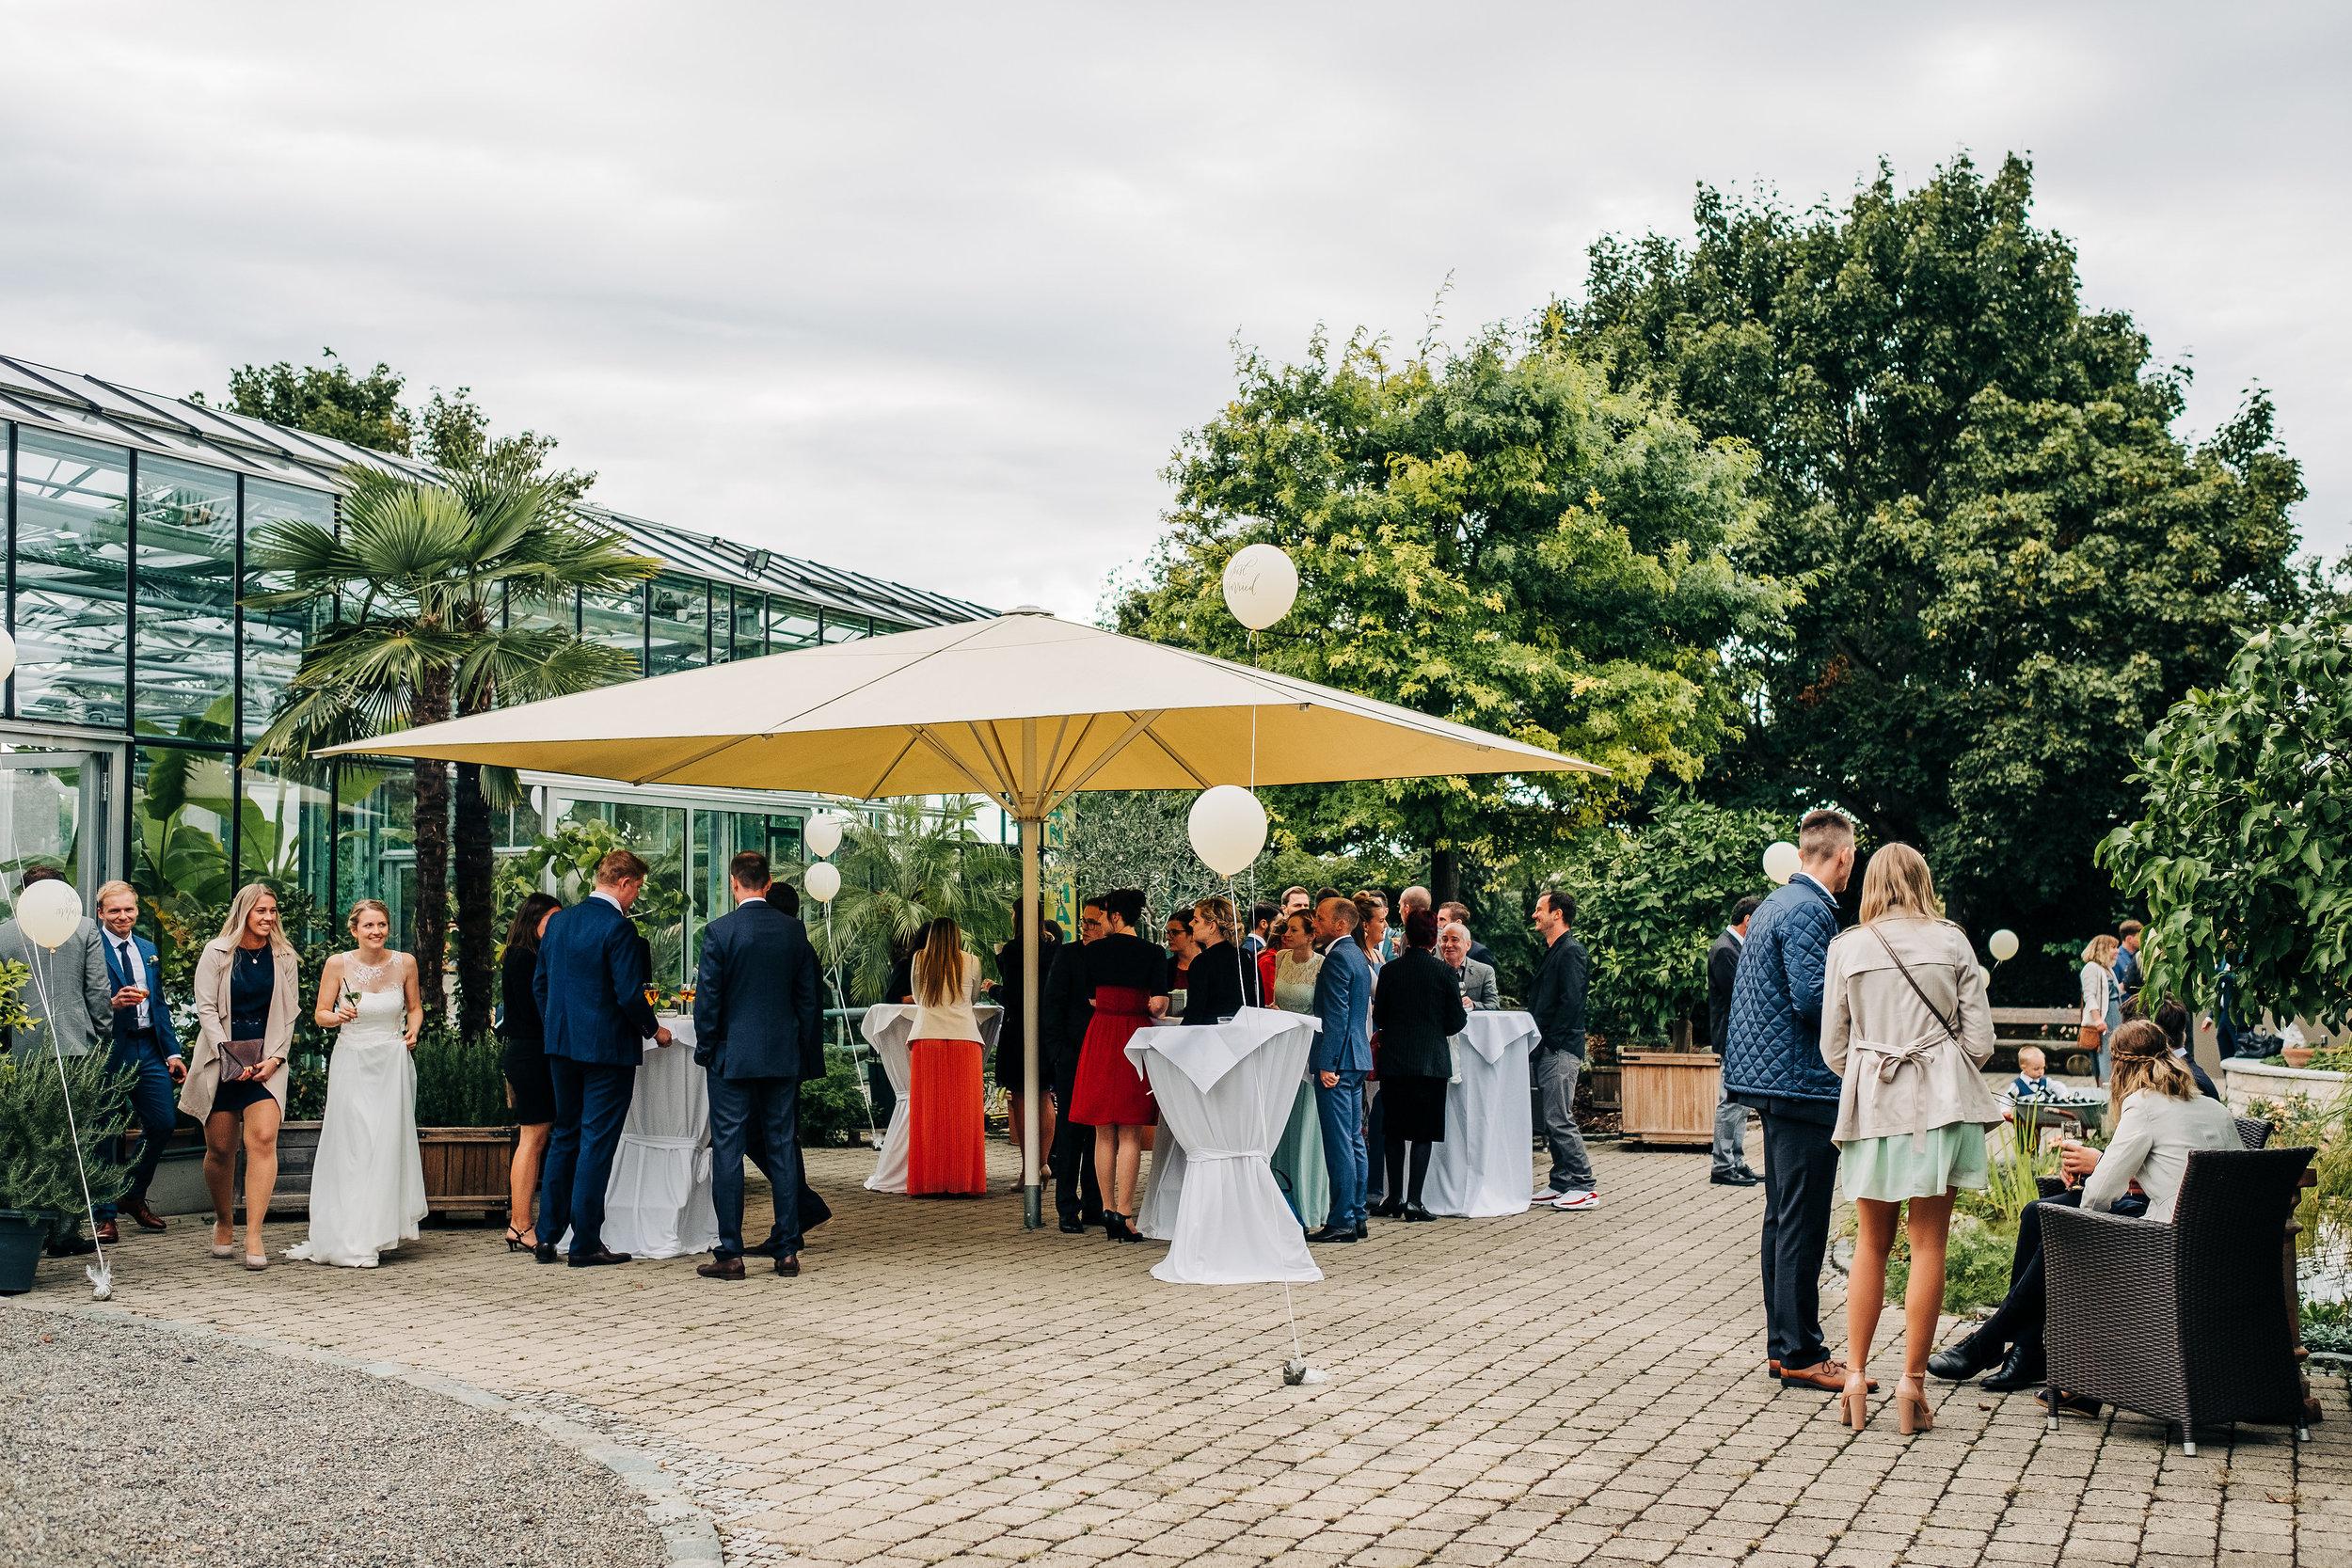 Anna-Hari-Photography-Hochzeitsfotografie-U&H-958.jpg